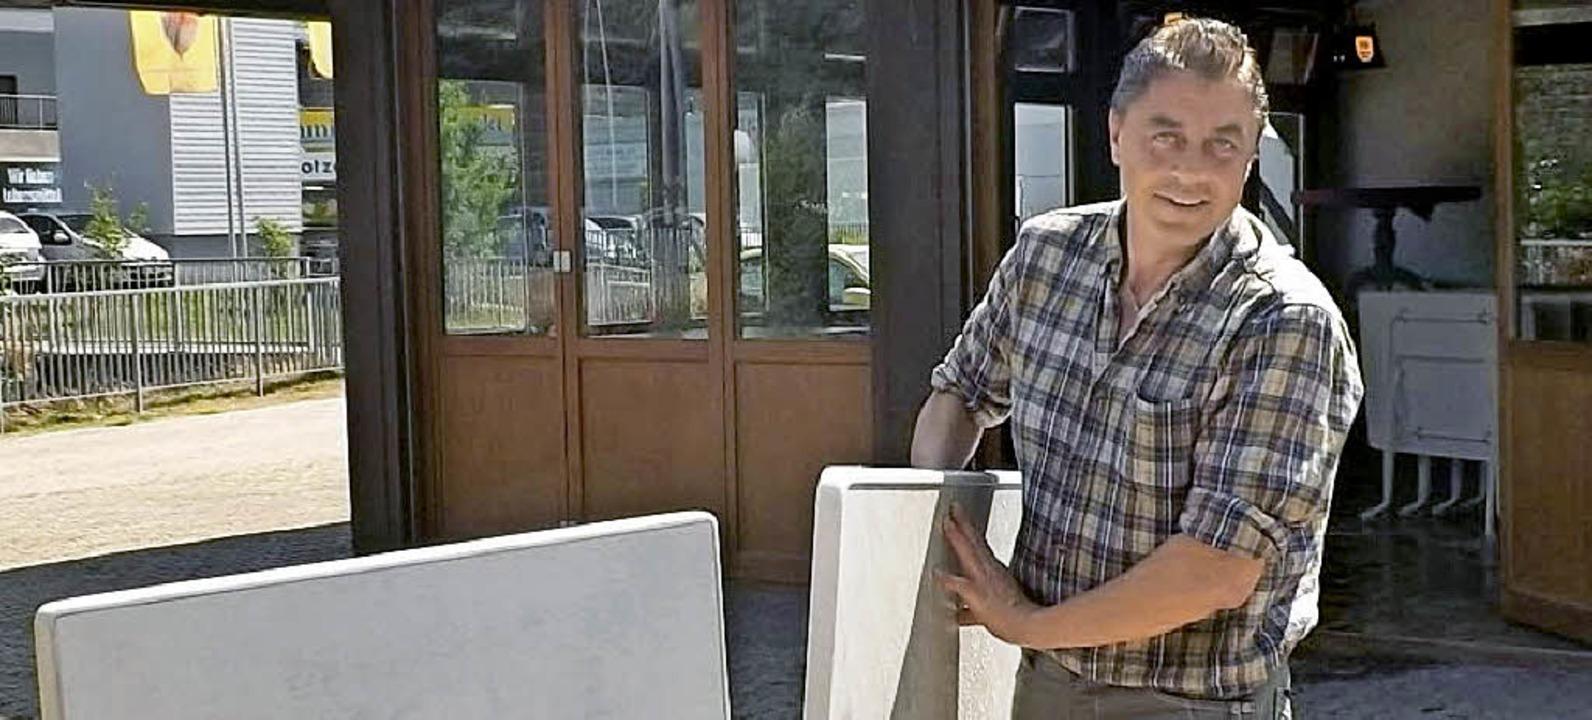 Siegmund Osswald  ist neuer Pächter im...um am Hirschgartenhüsli in Rickenbach.  | Foto: wolfgang adam